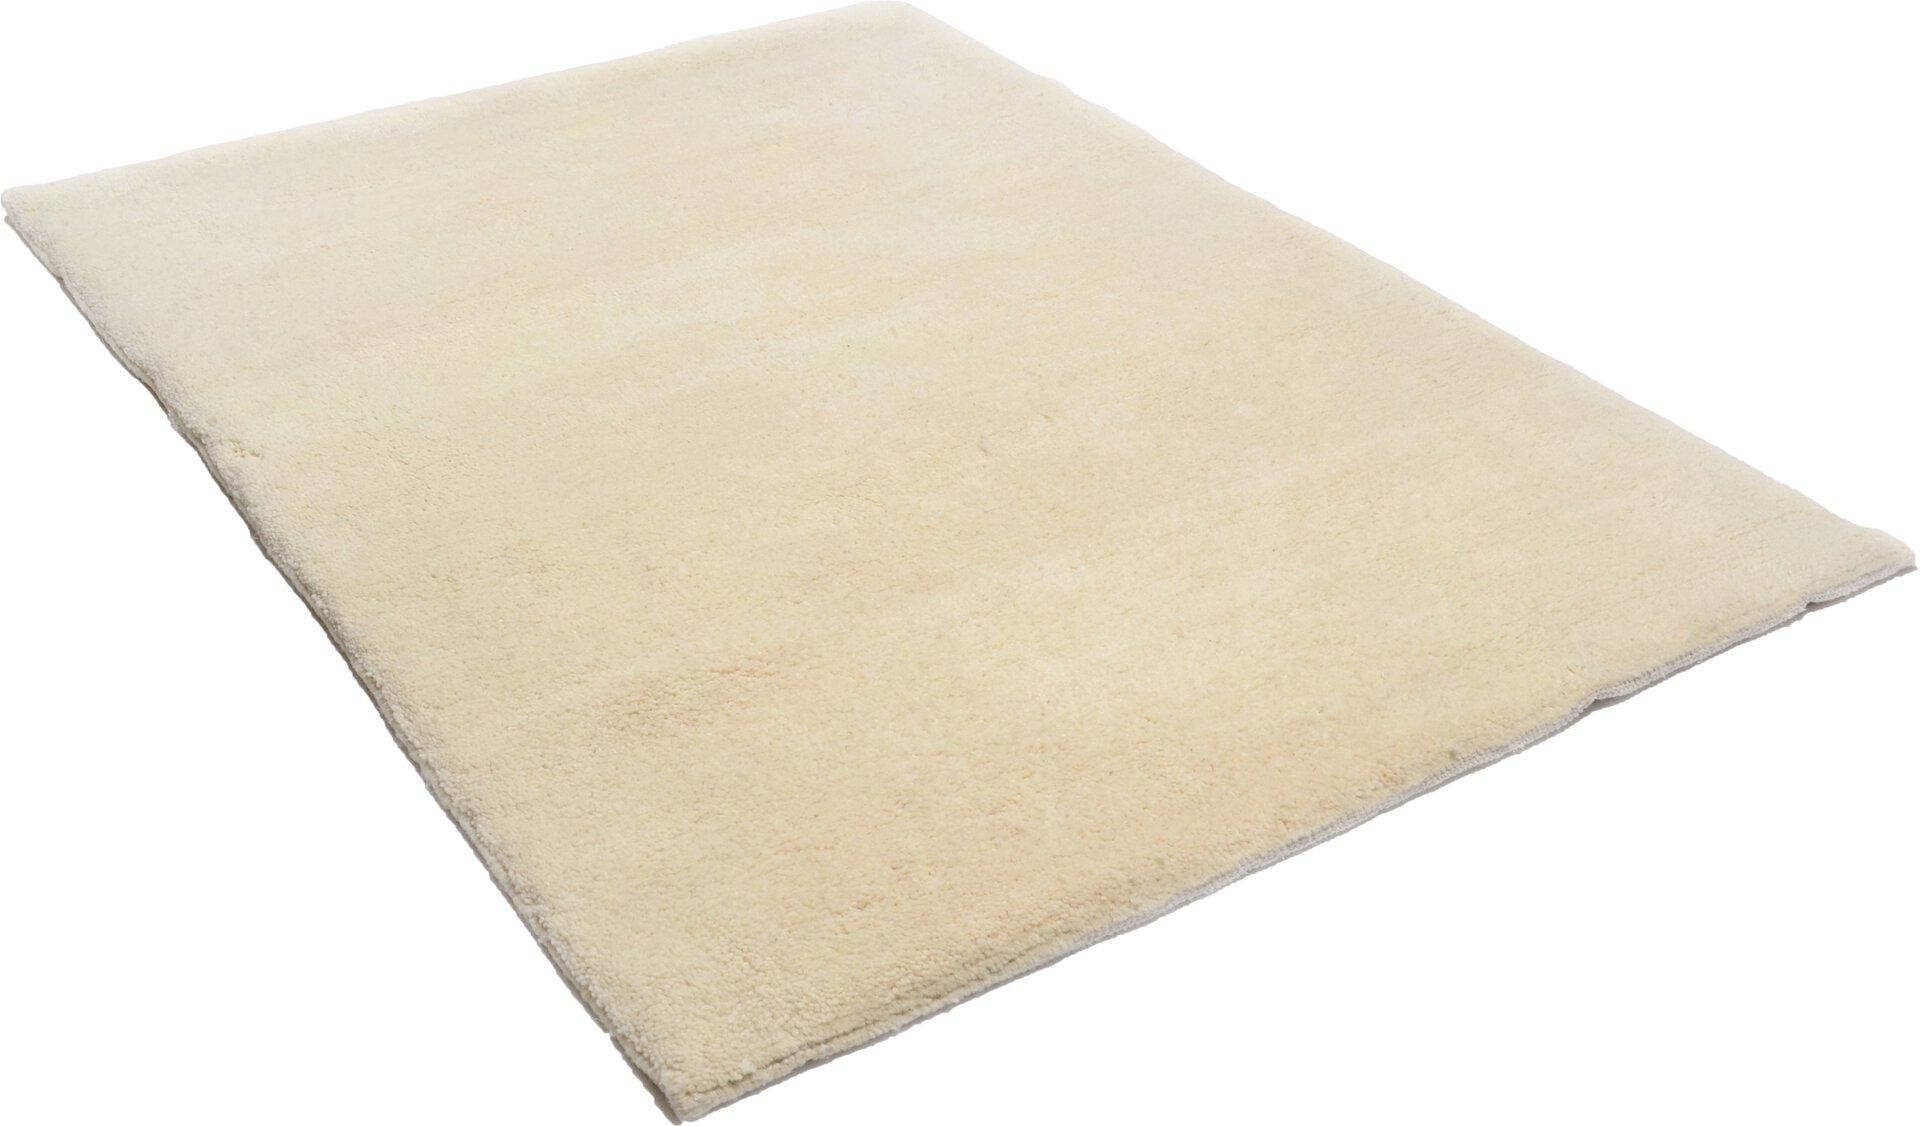 Handknüpfteppich Nador Theko Textil braun 1 x 1 cm